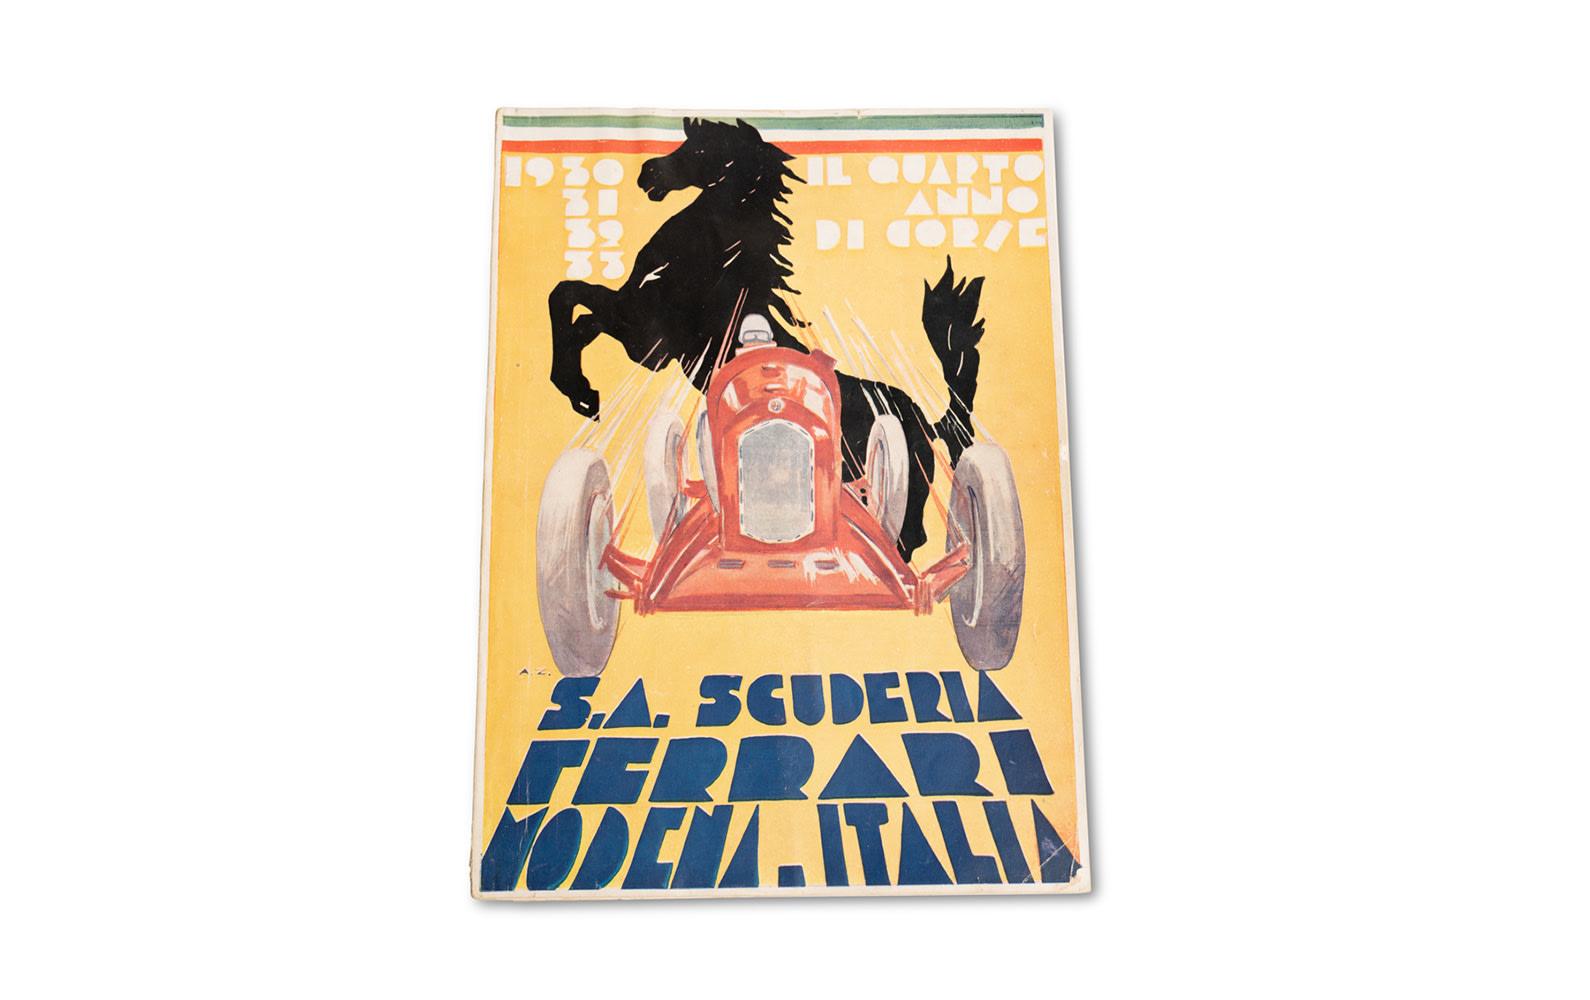 Il Quarto Anno Di Corse, Scuderia Ferrari Yearbook, 1933